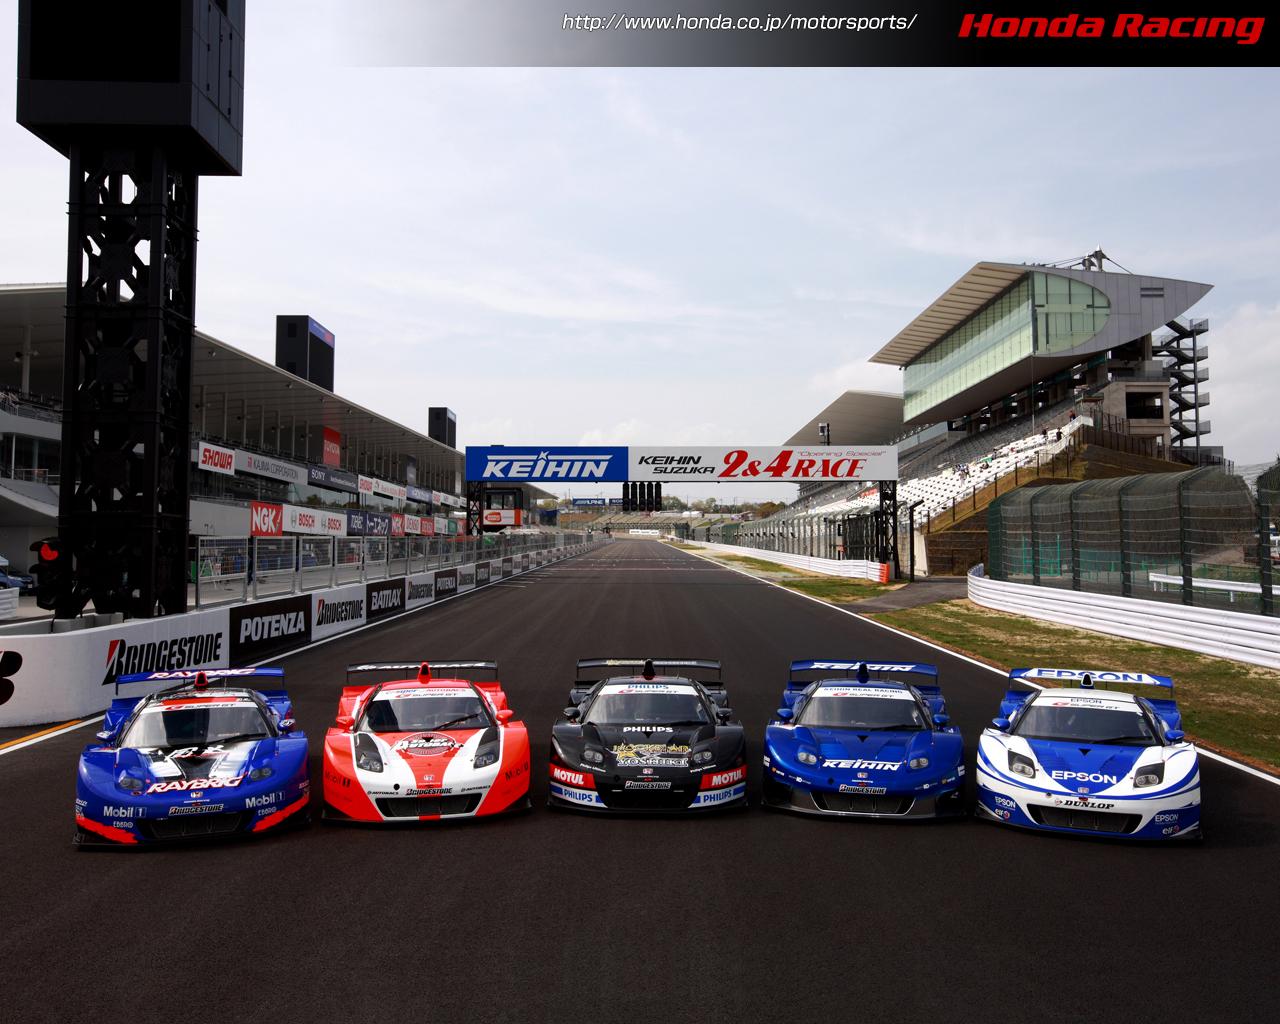 Honda モータースポーツ 壁紙